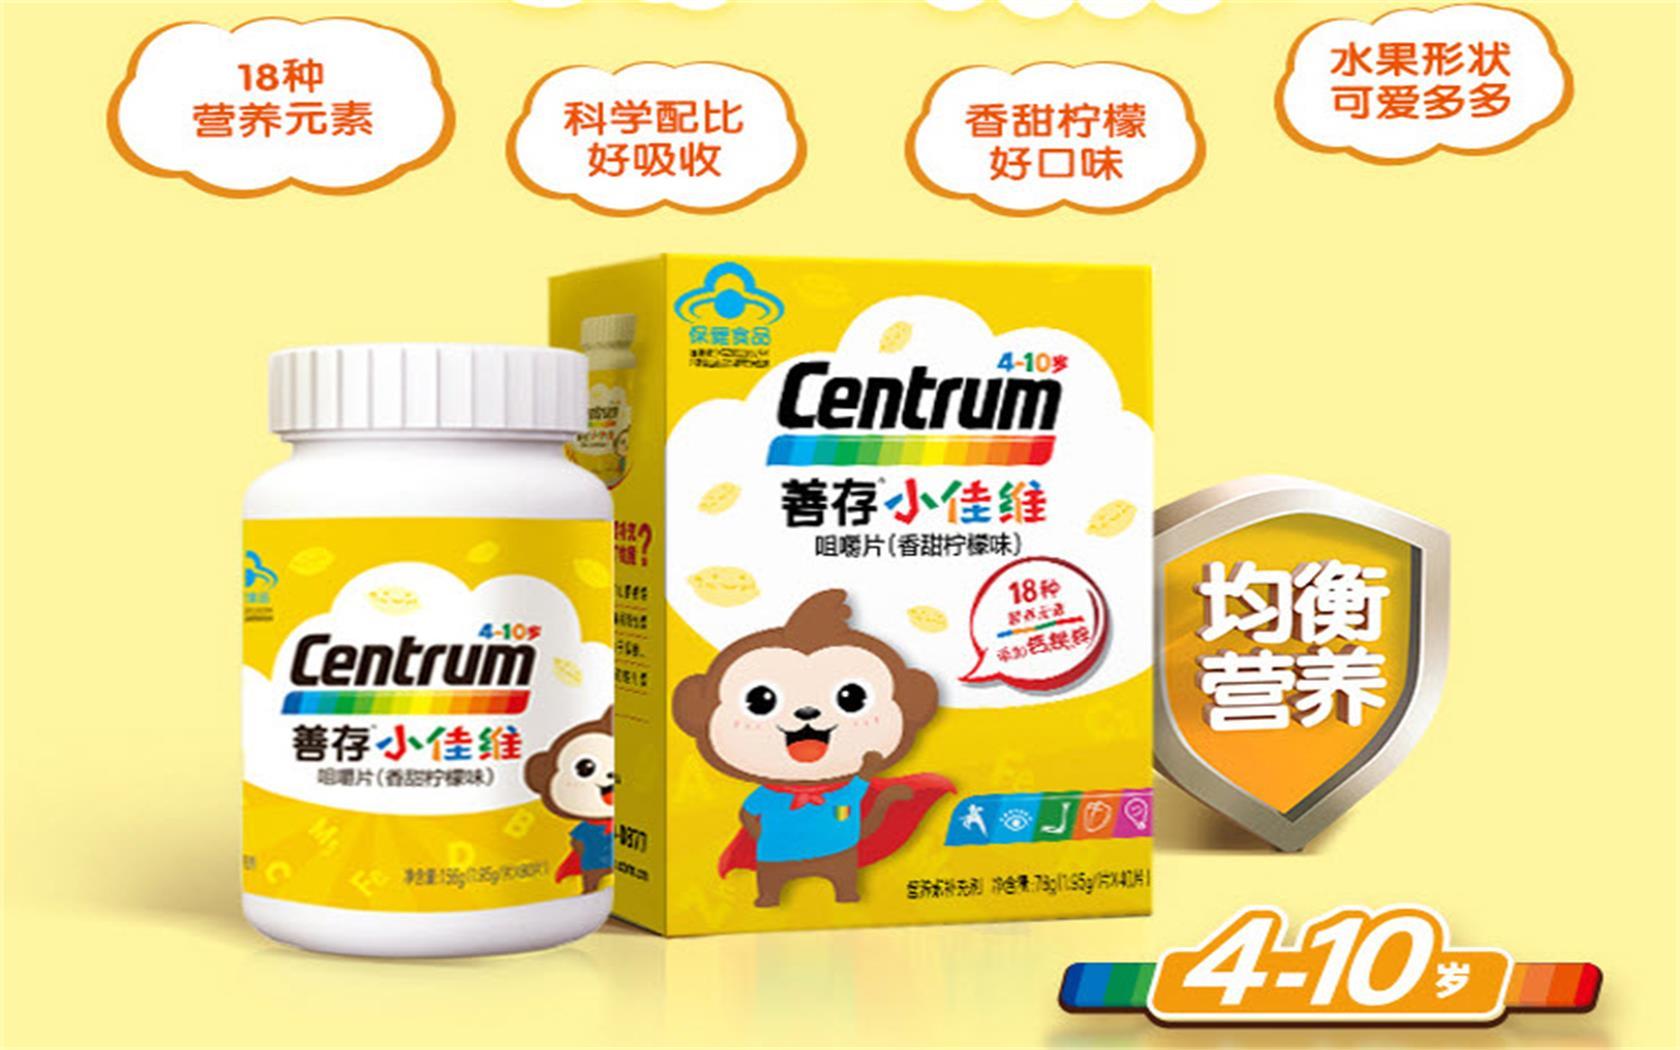 善存儿童复合维生素怎么样 善存儿童复合维生素试用测评